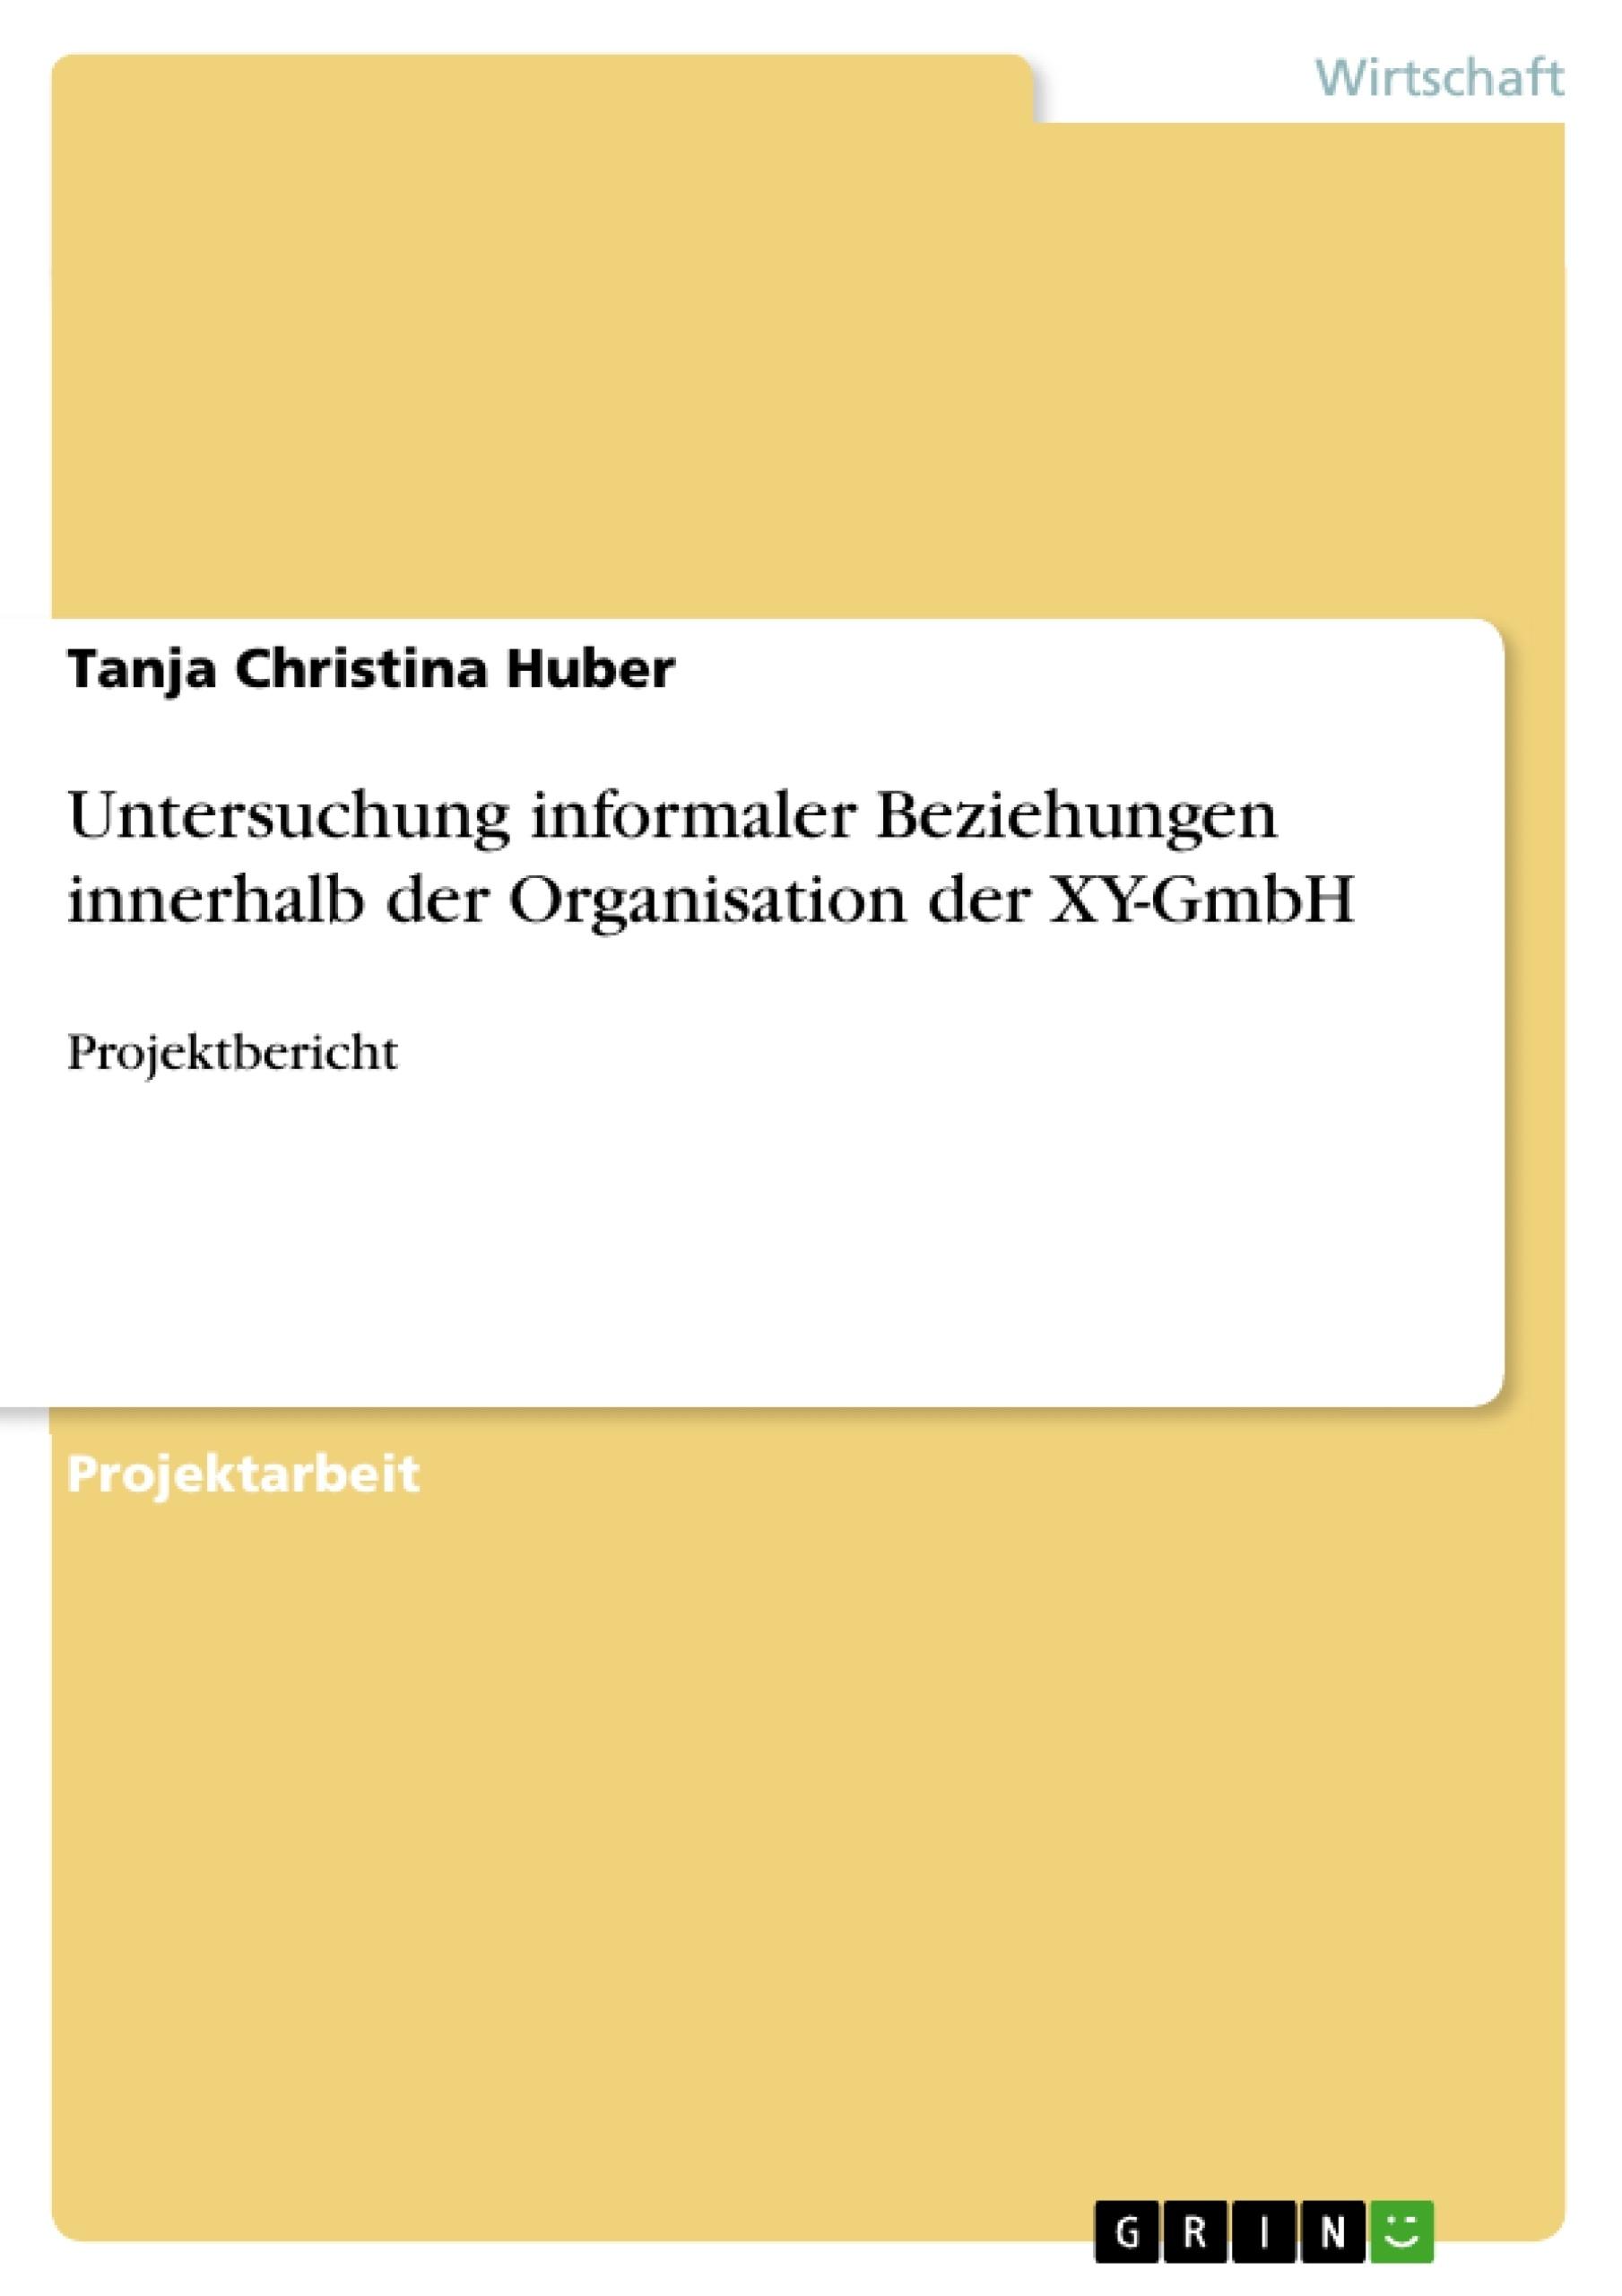 Titel: Untersuchung informaler Beziehungen innerhalb der Organisation der XY-GmbH